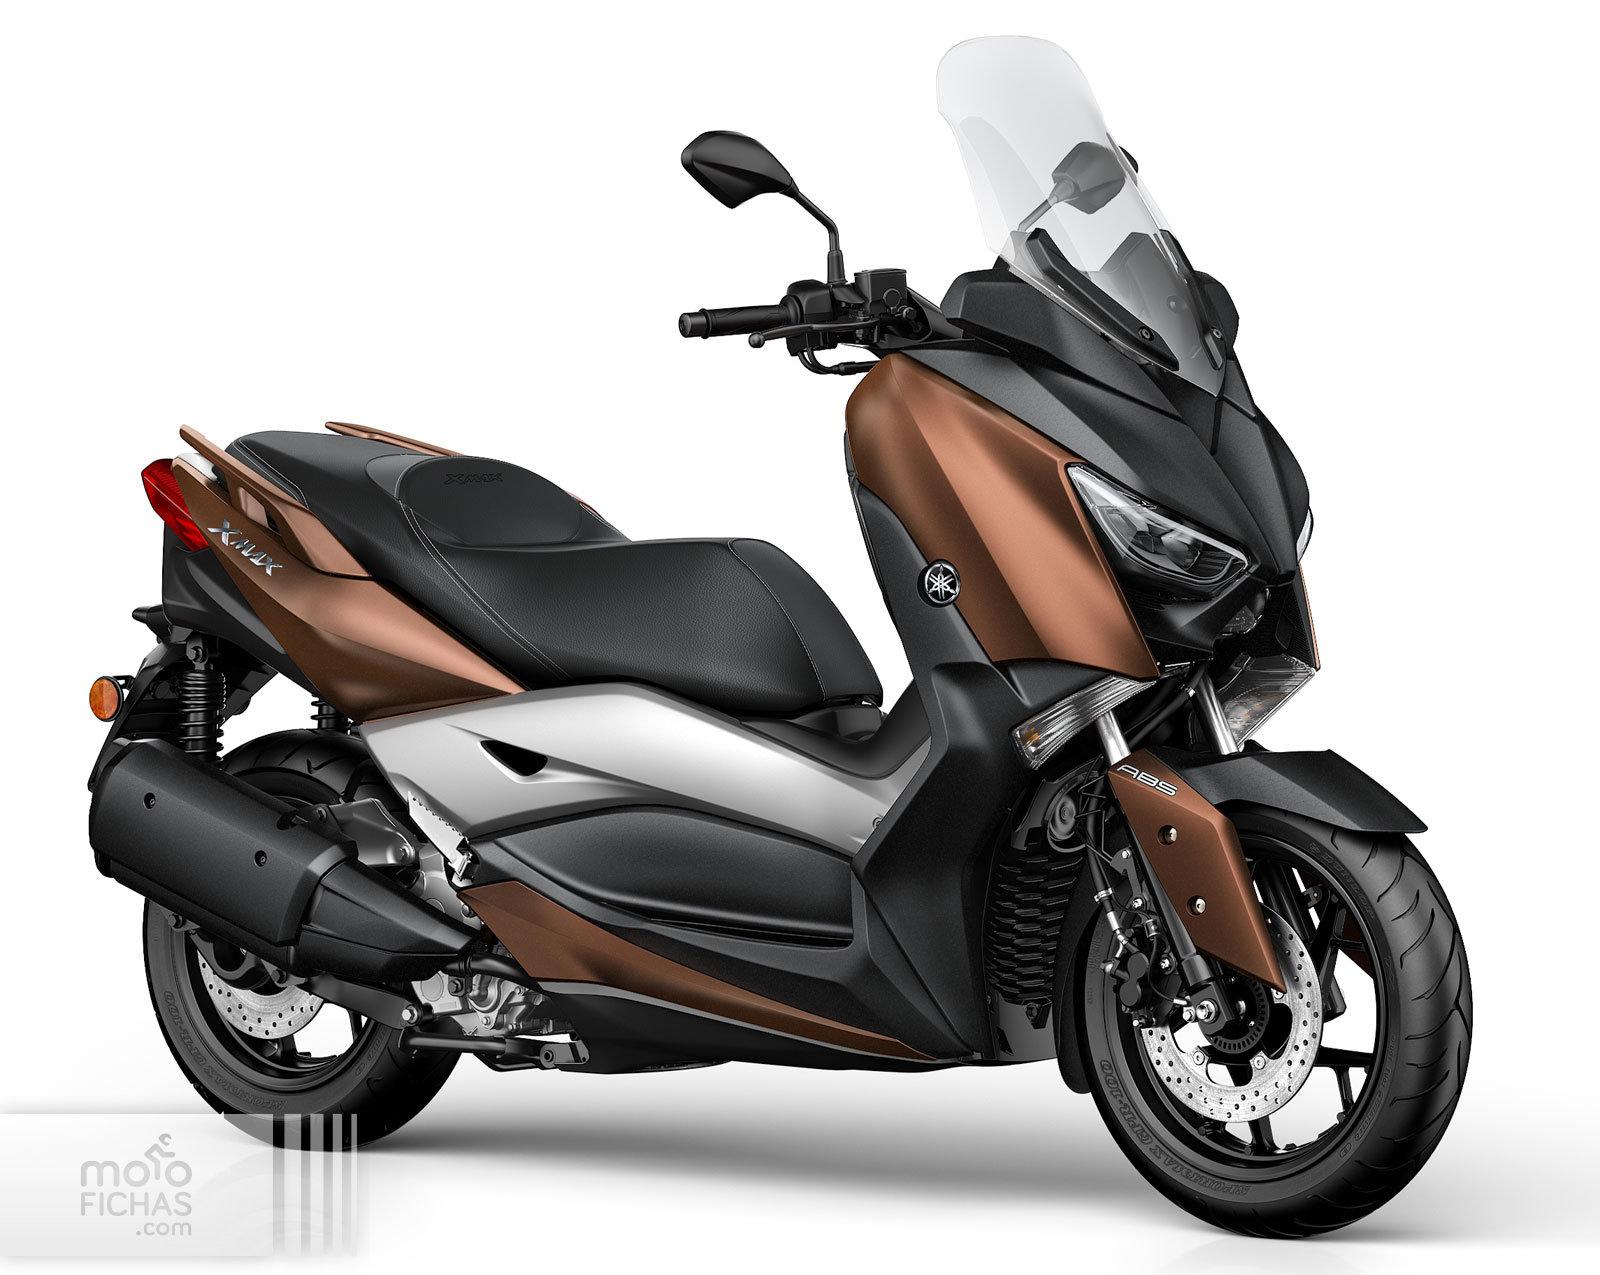 Fotos Yamaha X Max 300 Iron Max 2019 Galer 237 A Y Fondos